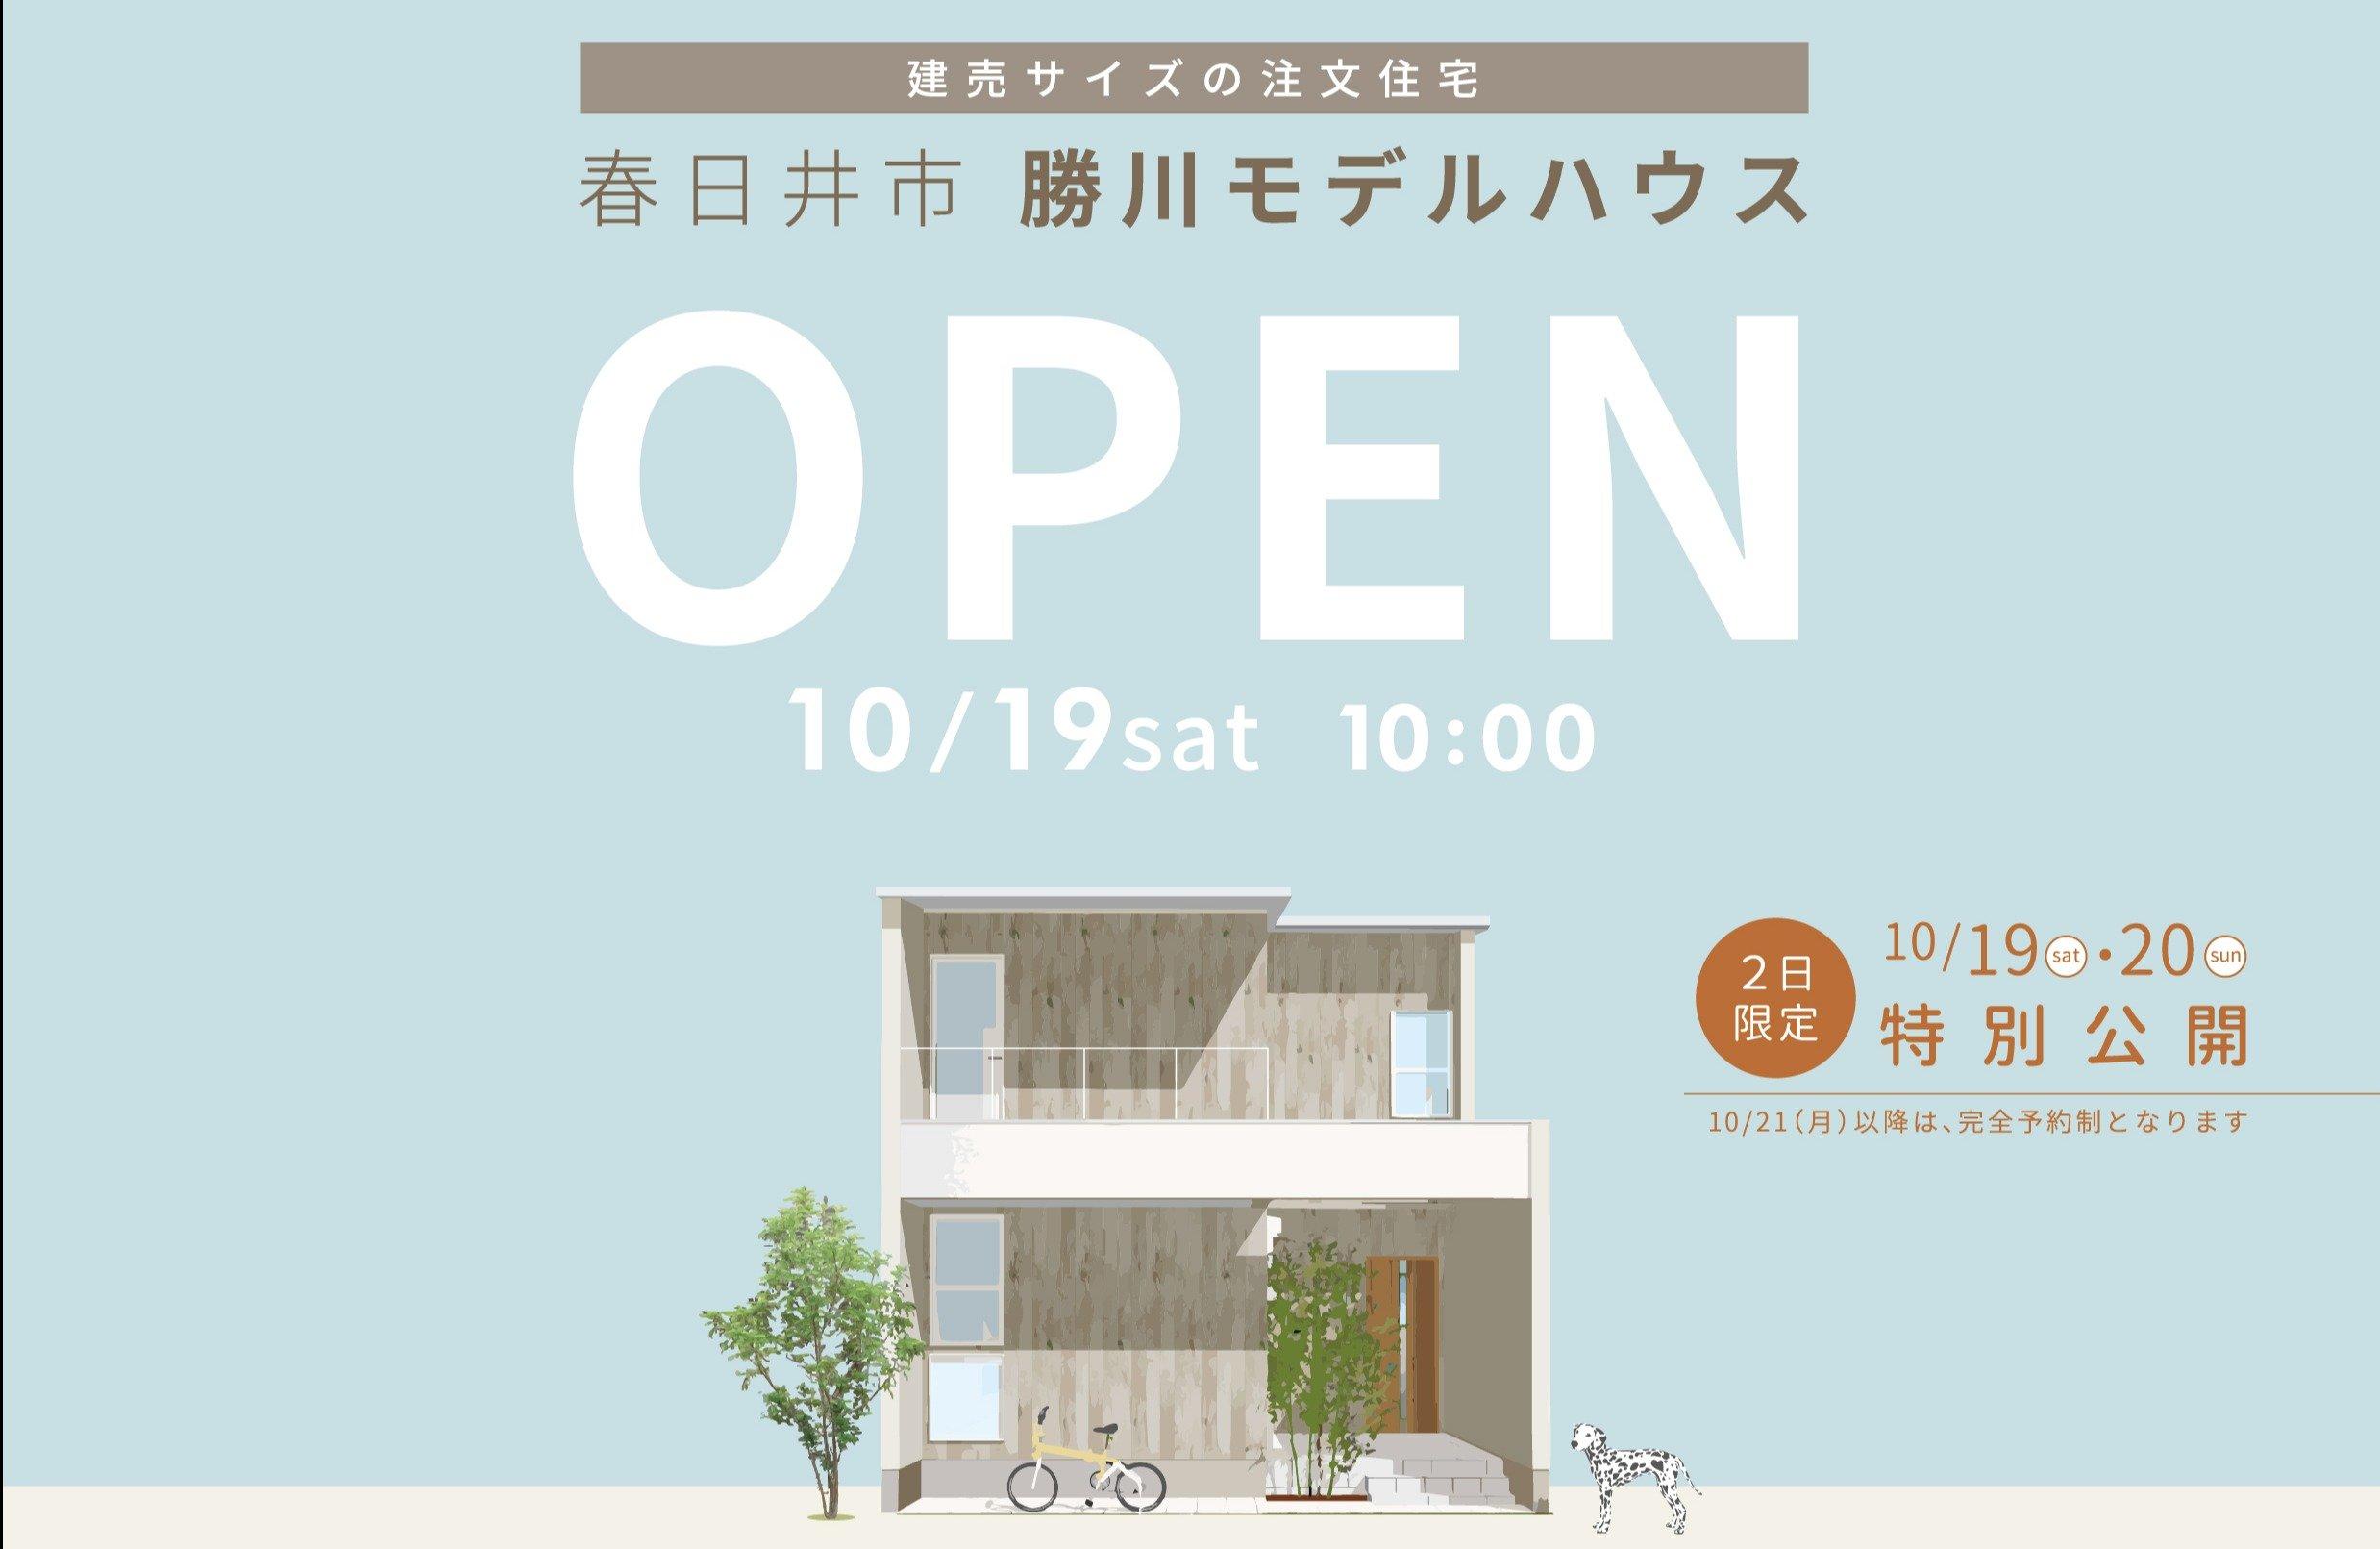 10/19(土)・20(日) 勝川モデルハウスにて完成現場見学会を開催します!